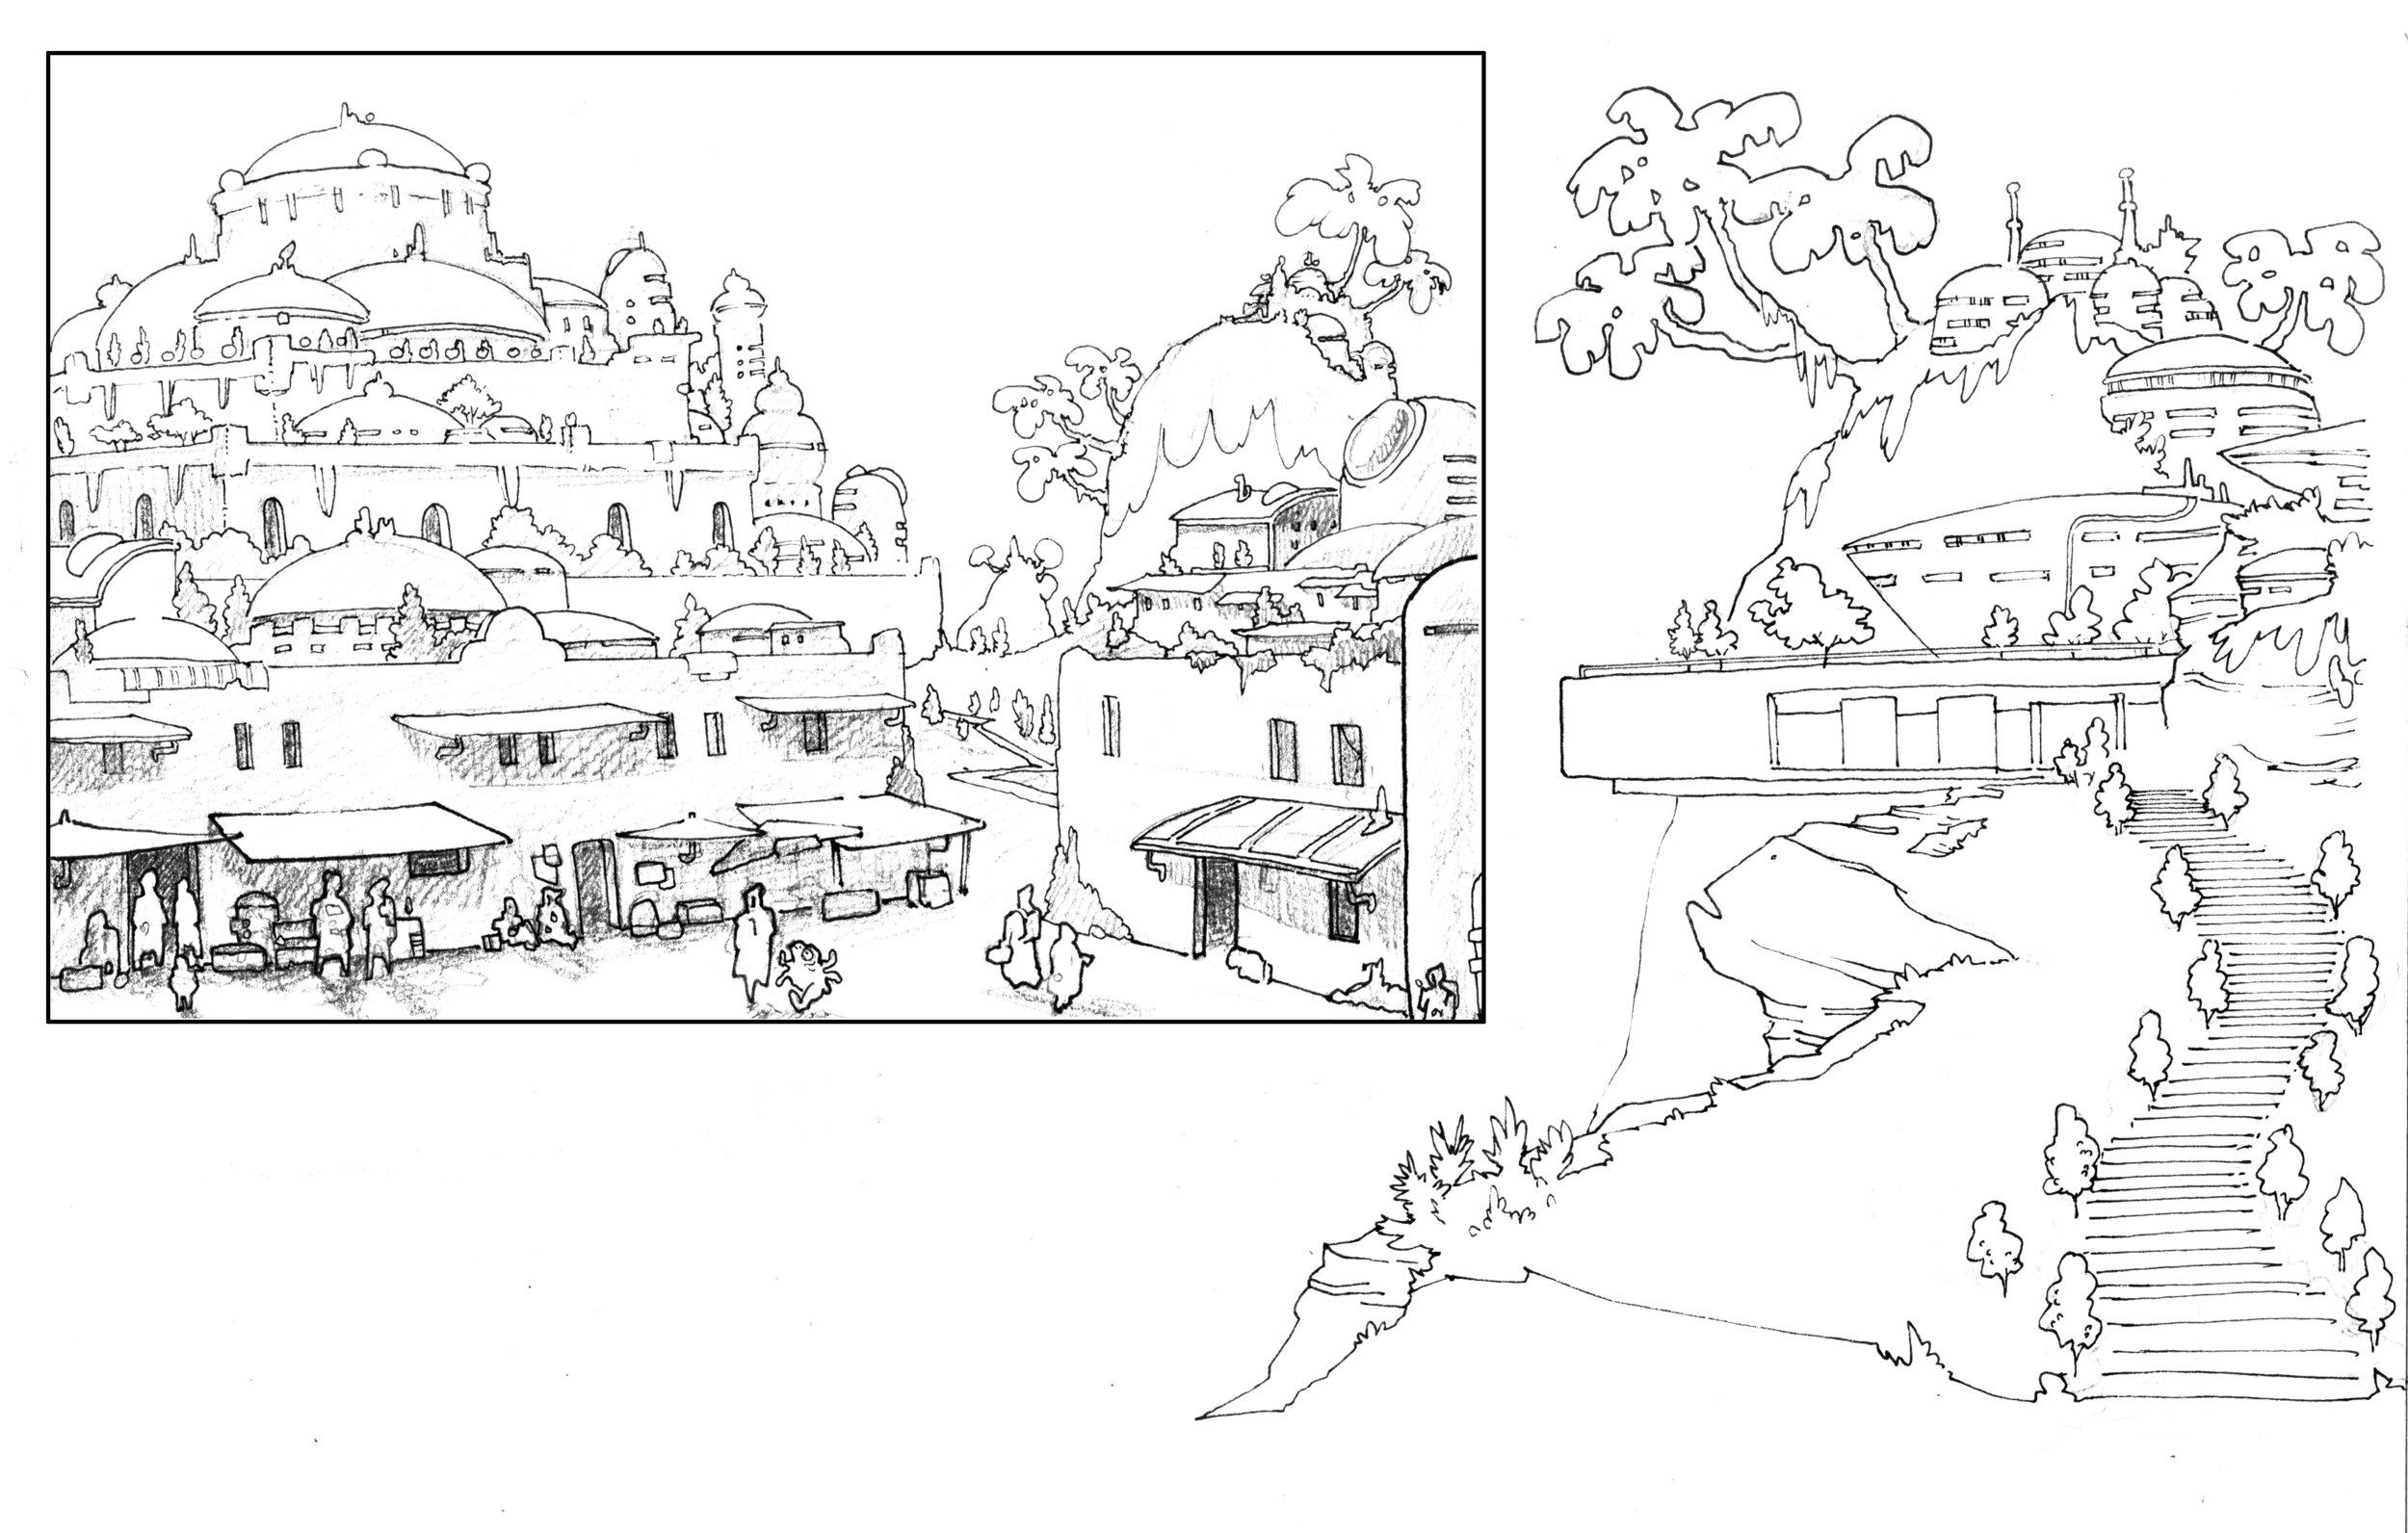 bg sketch056.jpg